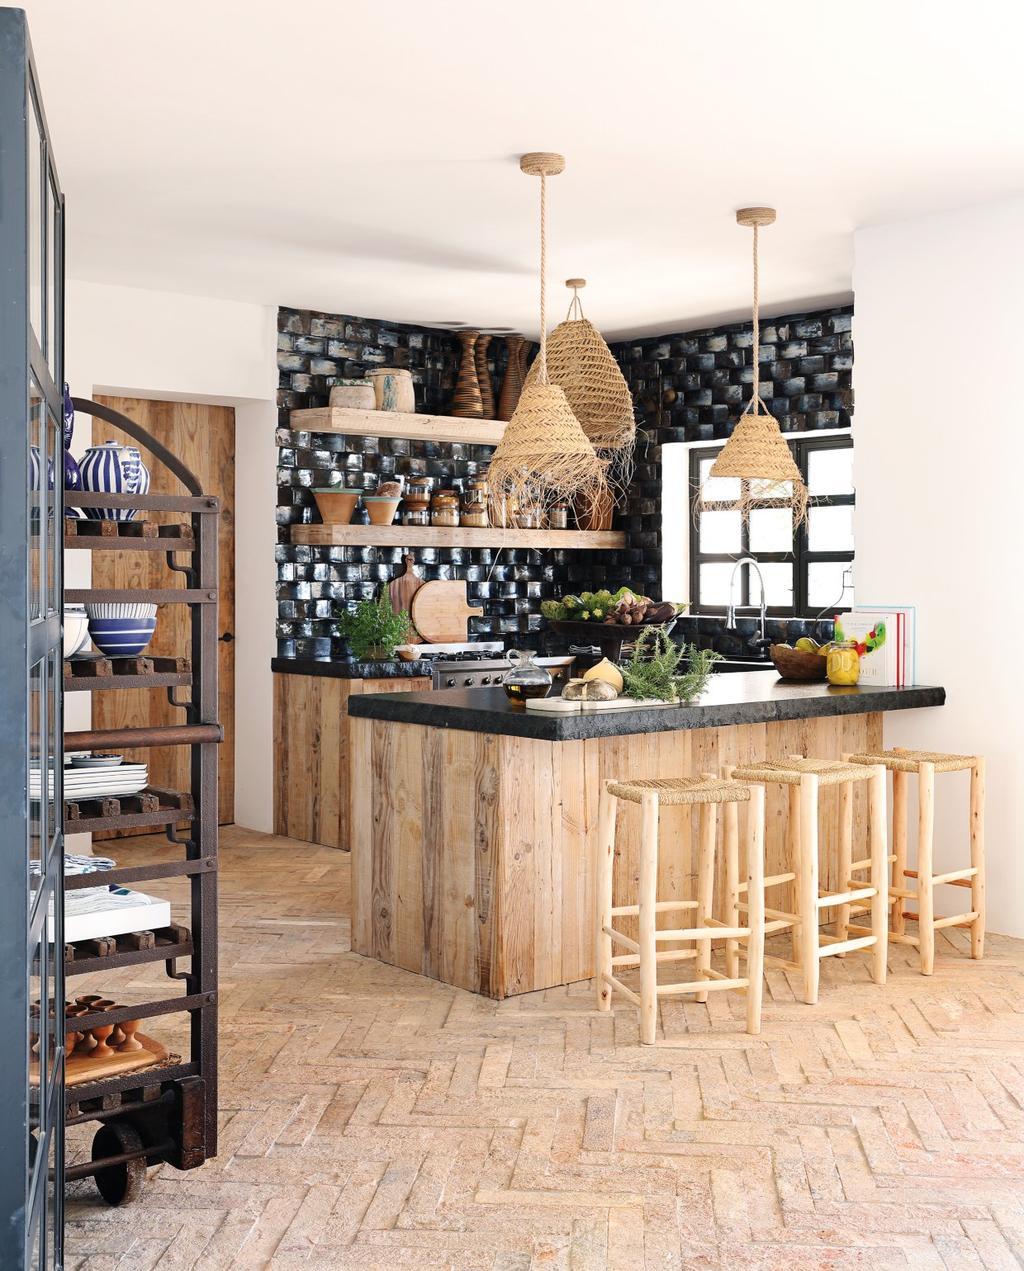 vtwonen 08-2020 | bk buitenland ibiza keuken met zwarte tegels en houten kookeiland | mediterraanse sfeer in de keuken